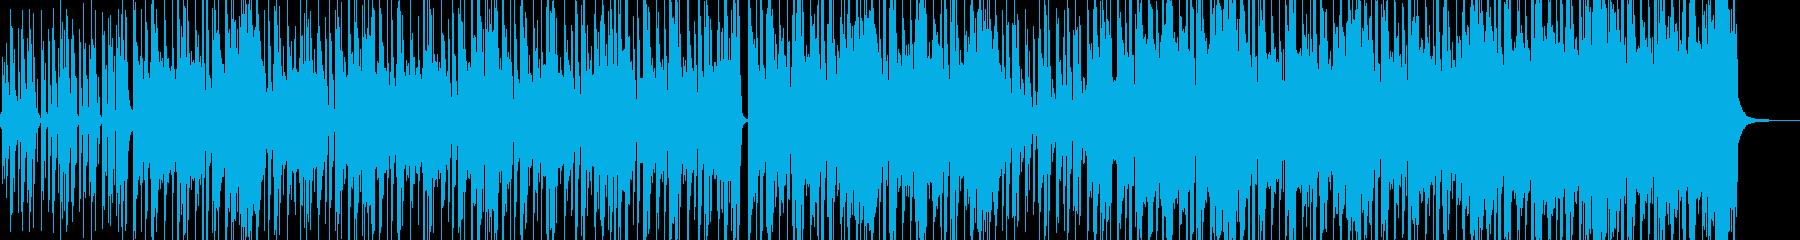 ストリート育ちイメージのヒップホップ Dの再生済みの波形